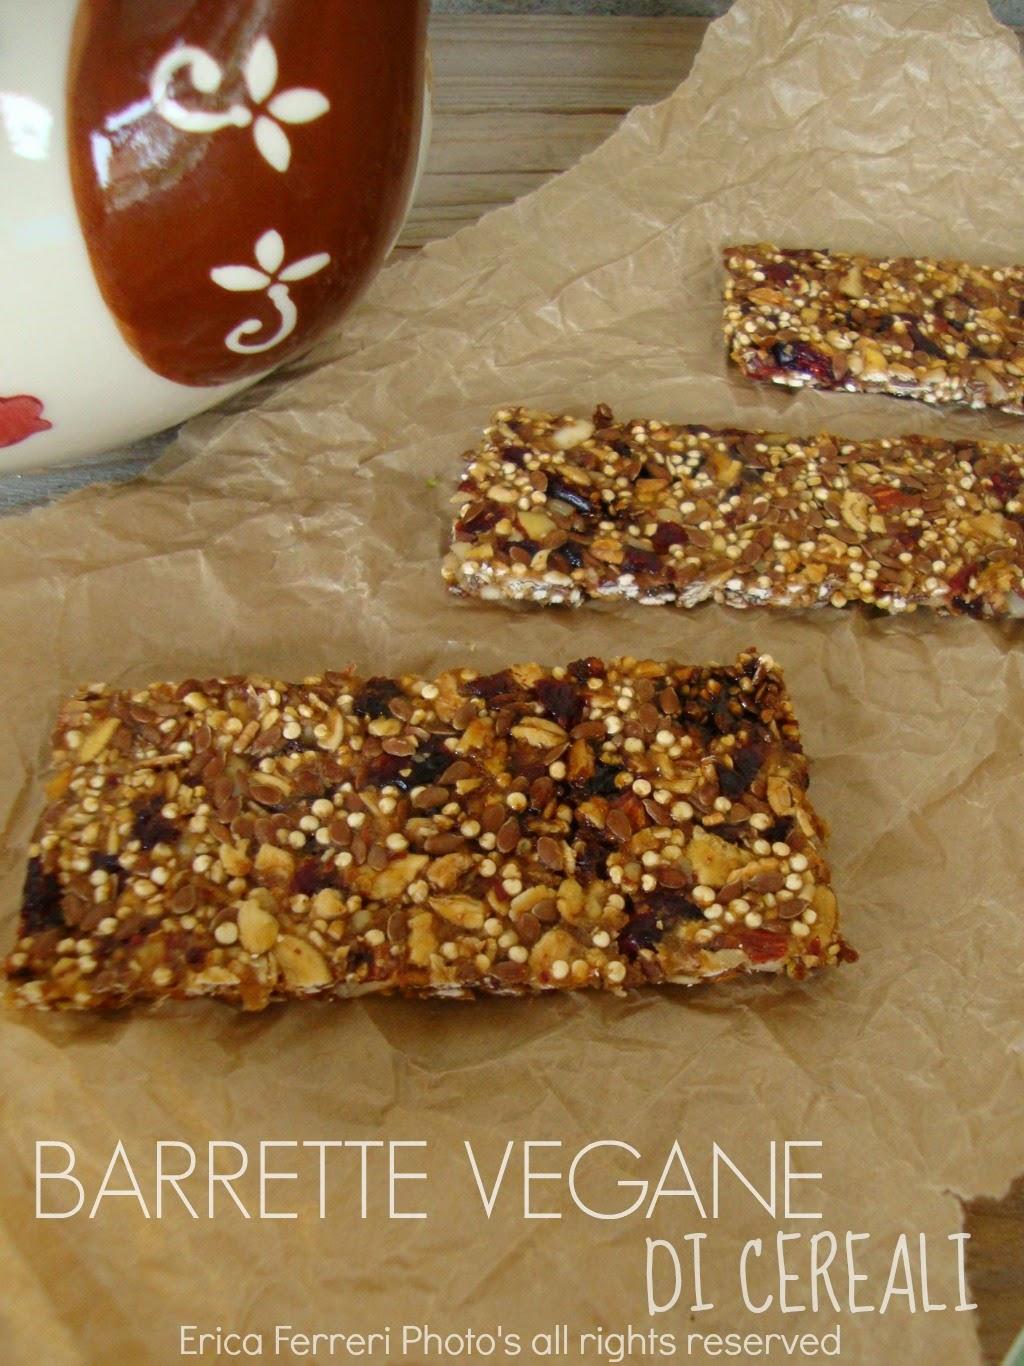 barrette vegane